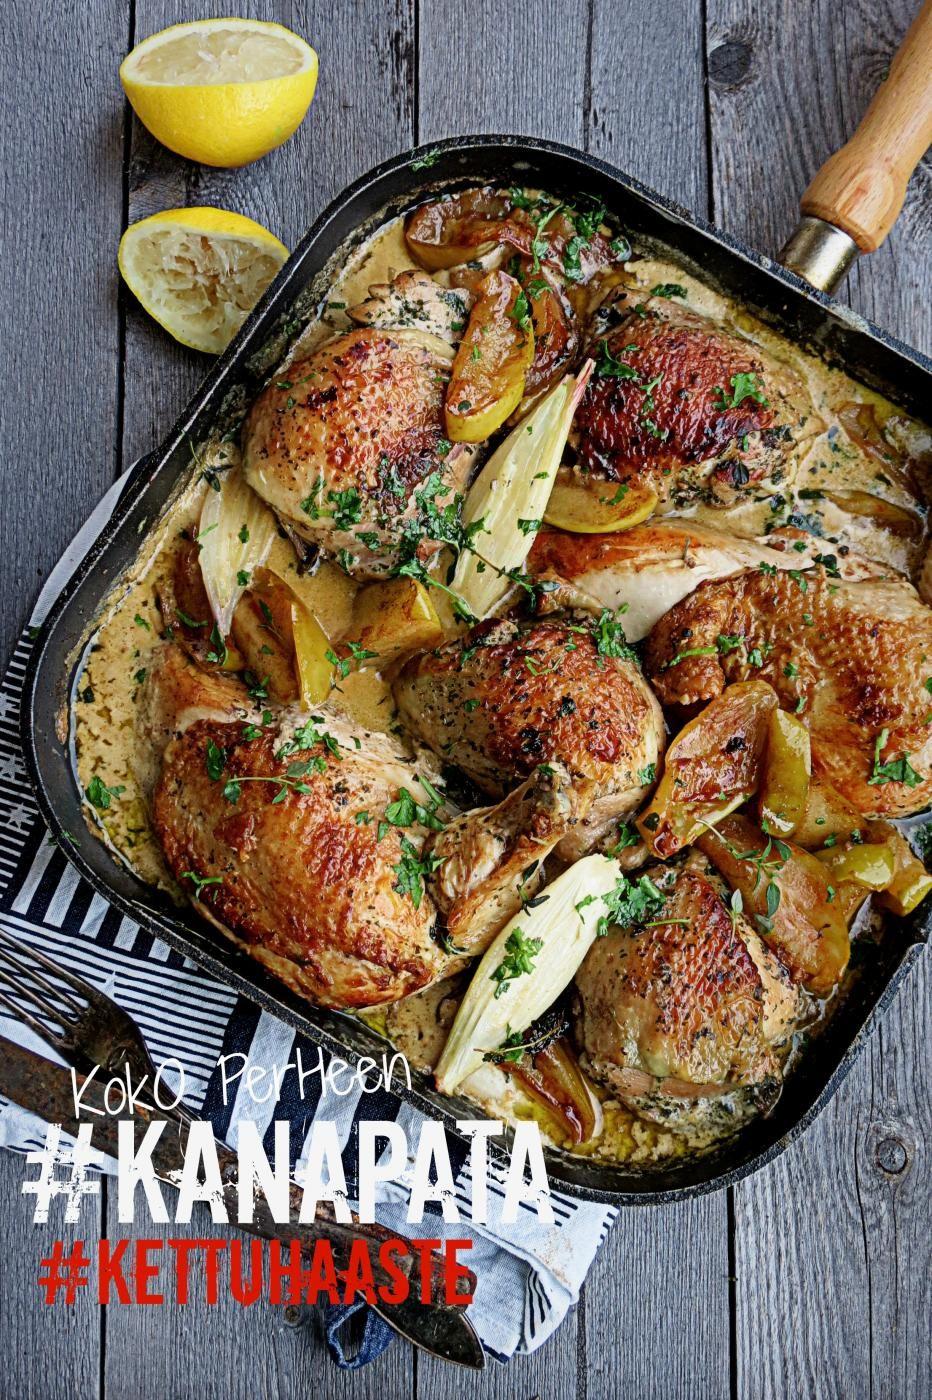 Omenainen kanapata lämmittää talvella. Kastikkeen kruunaa omenat sekä pähkinävoi, myös tilkka Calvadosta tekee terää kastikkeelle.